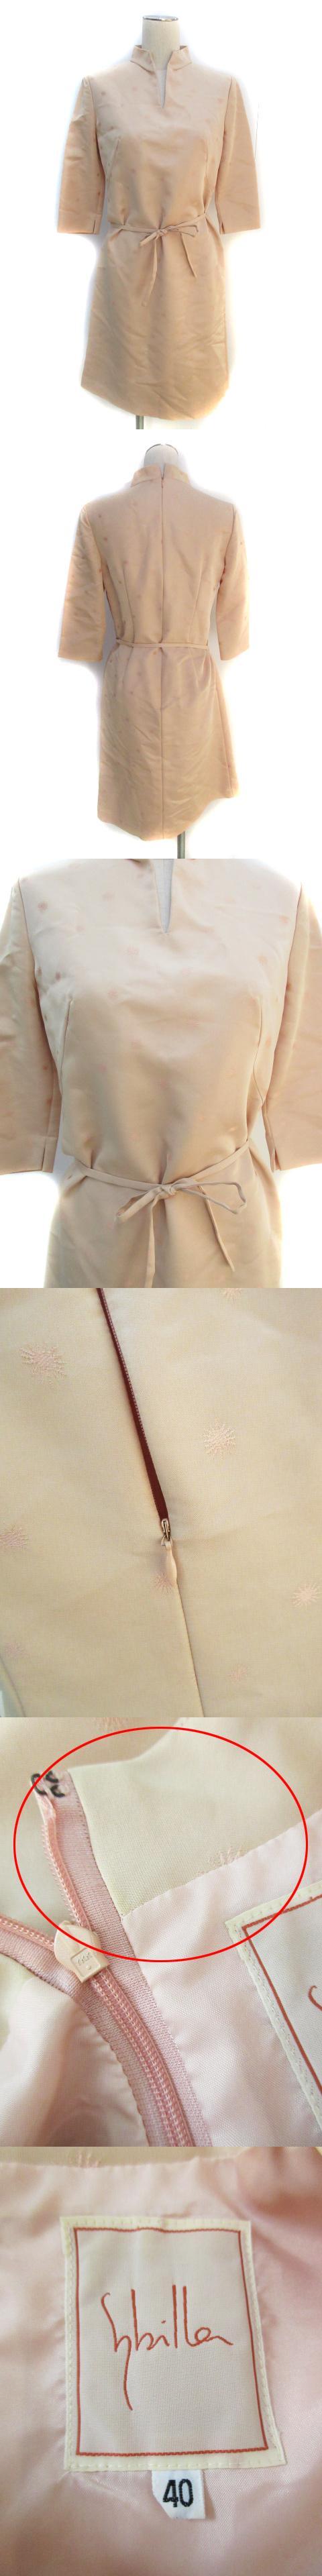 ワンピース ミモレ丈 七分袖 スキッパーカラー リボン付き 刺繍 ベージュ 40 ベージュ /FF19